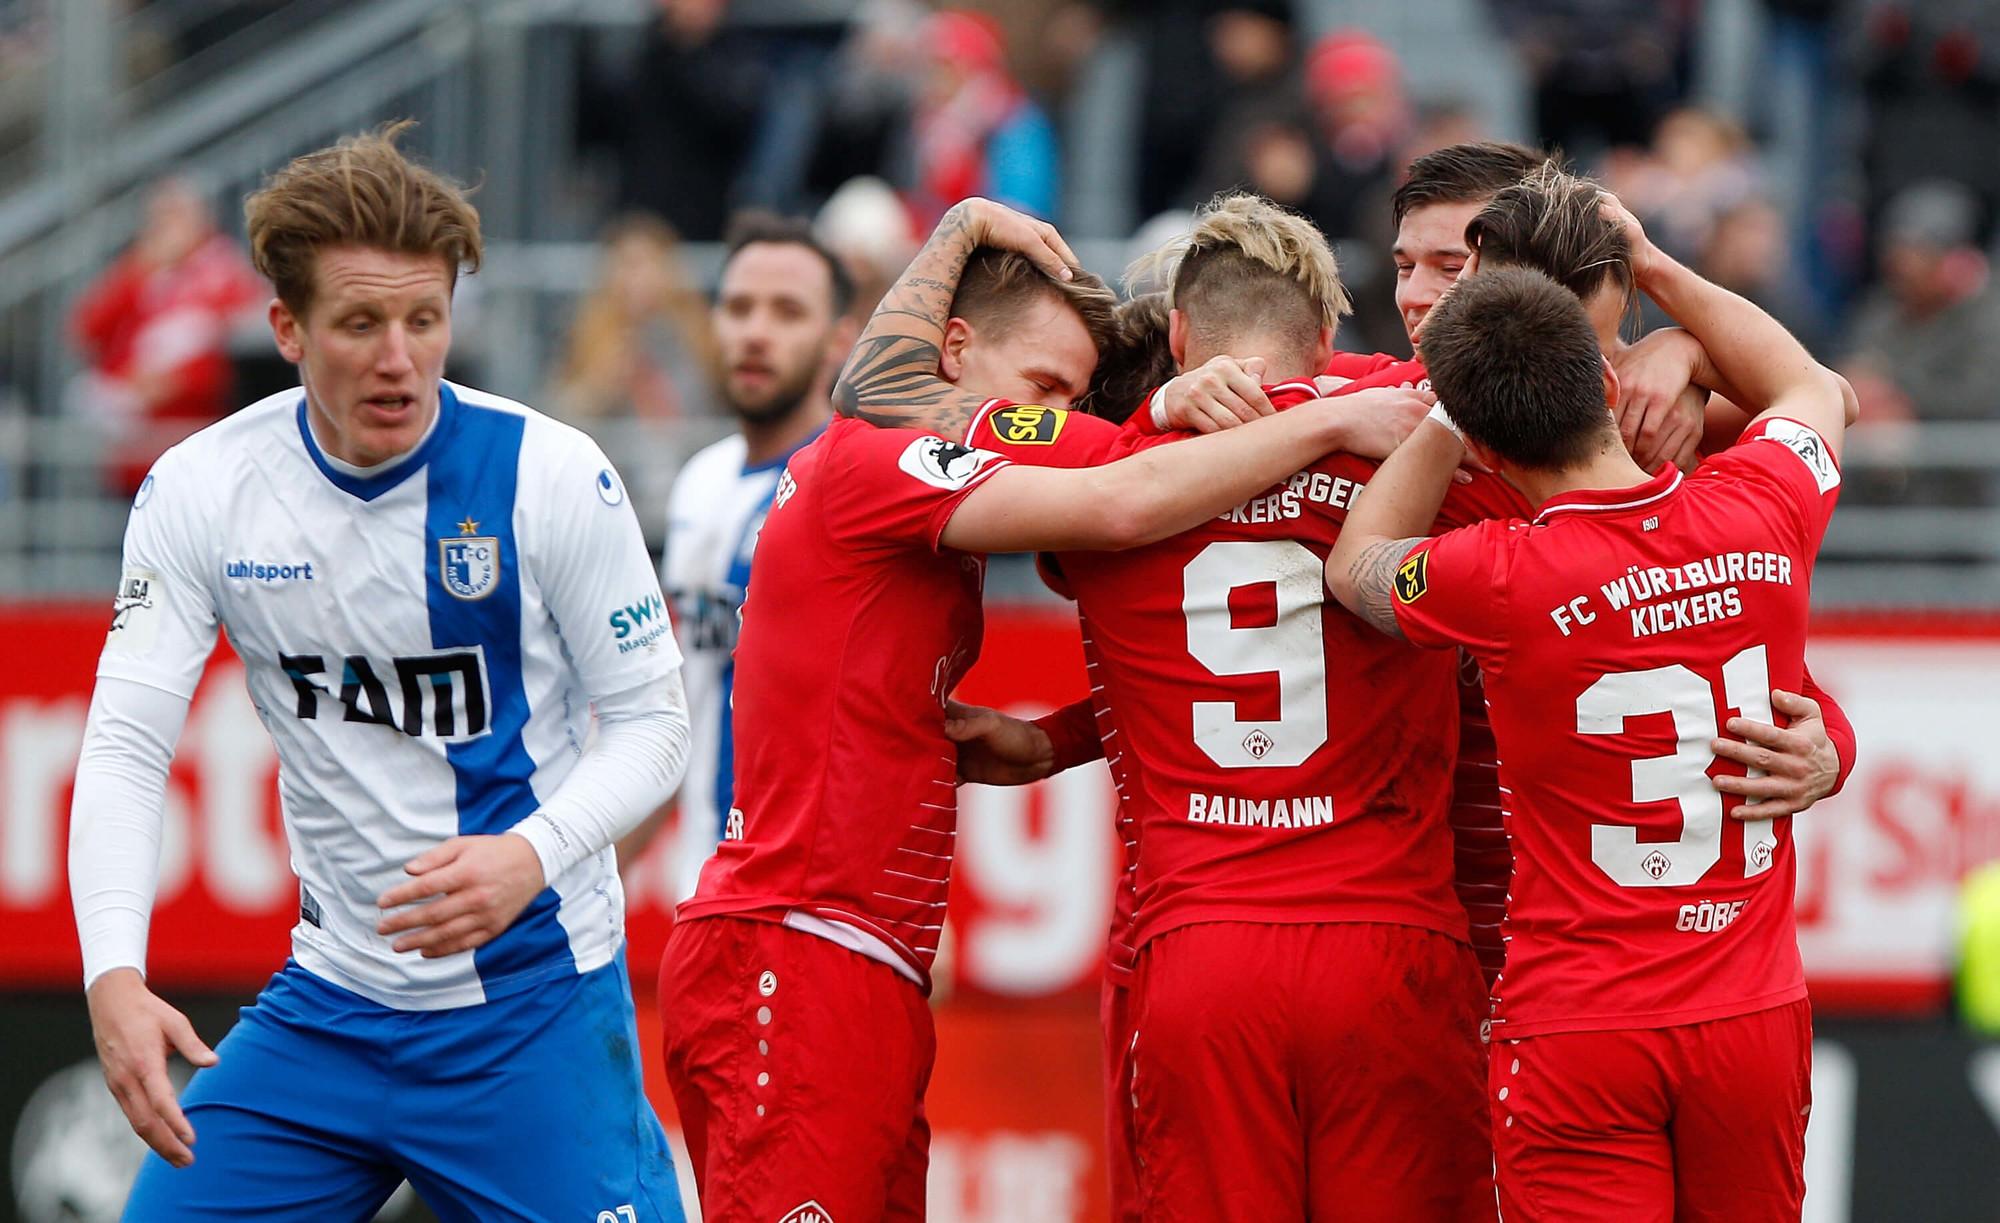 Zwickau Gegen WГјrzburger Kickers